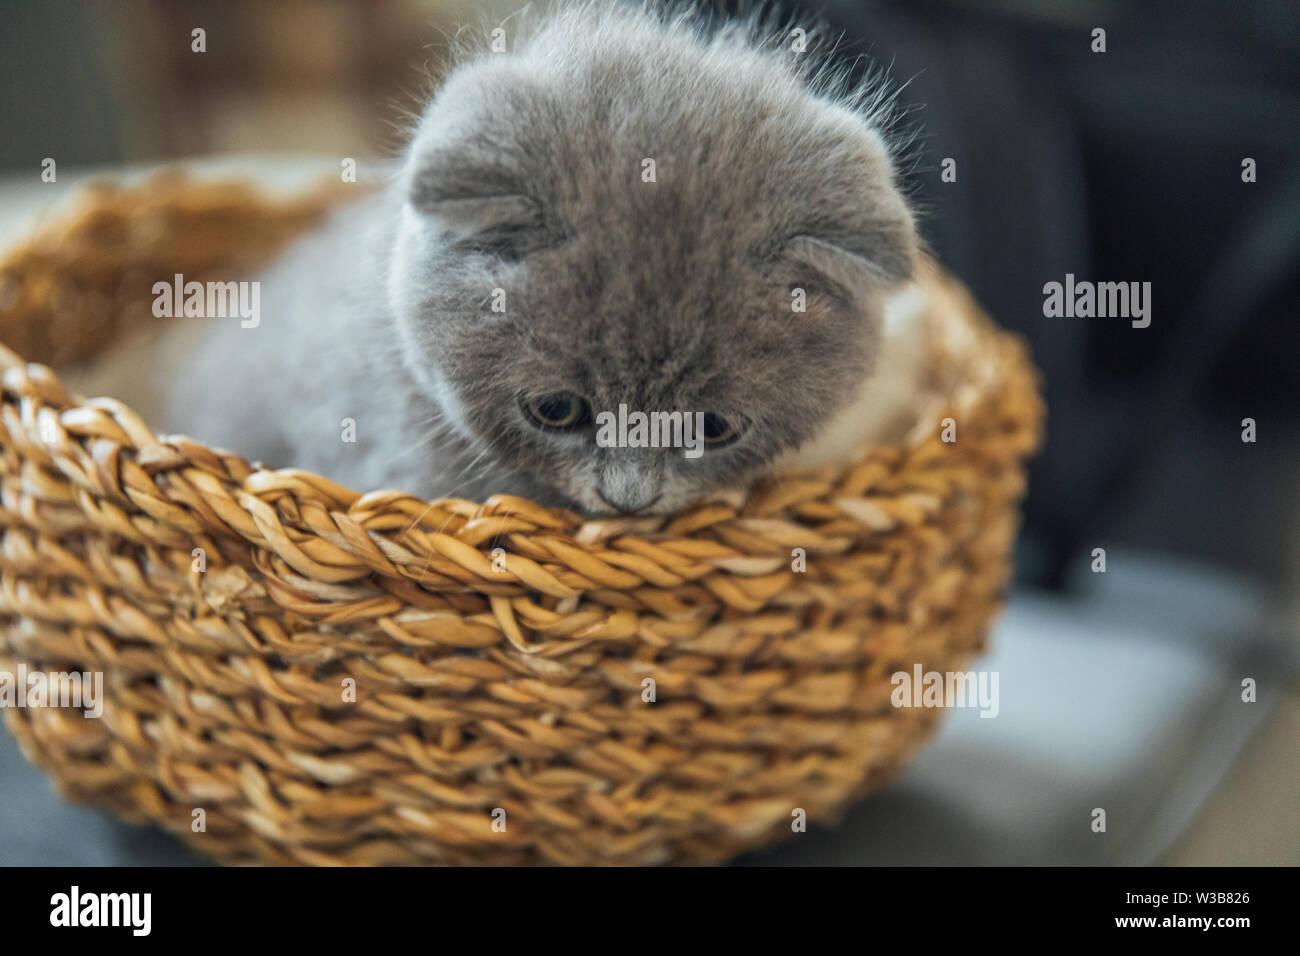 Cute Pet Portrait Beautiful And Fluffy Grey Scottish Fold Cat Baby Scottish Fold Gray Kitten Baby Animal Stock Photo Alamy